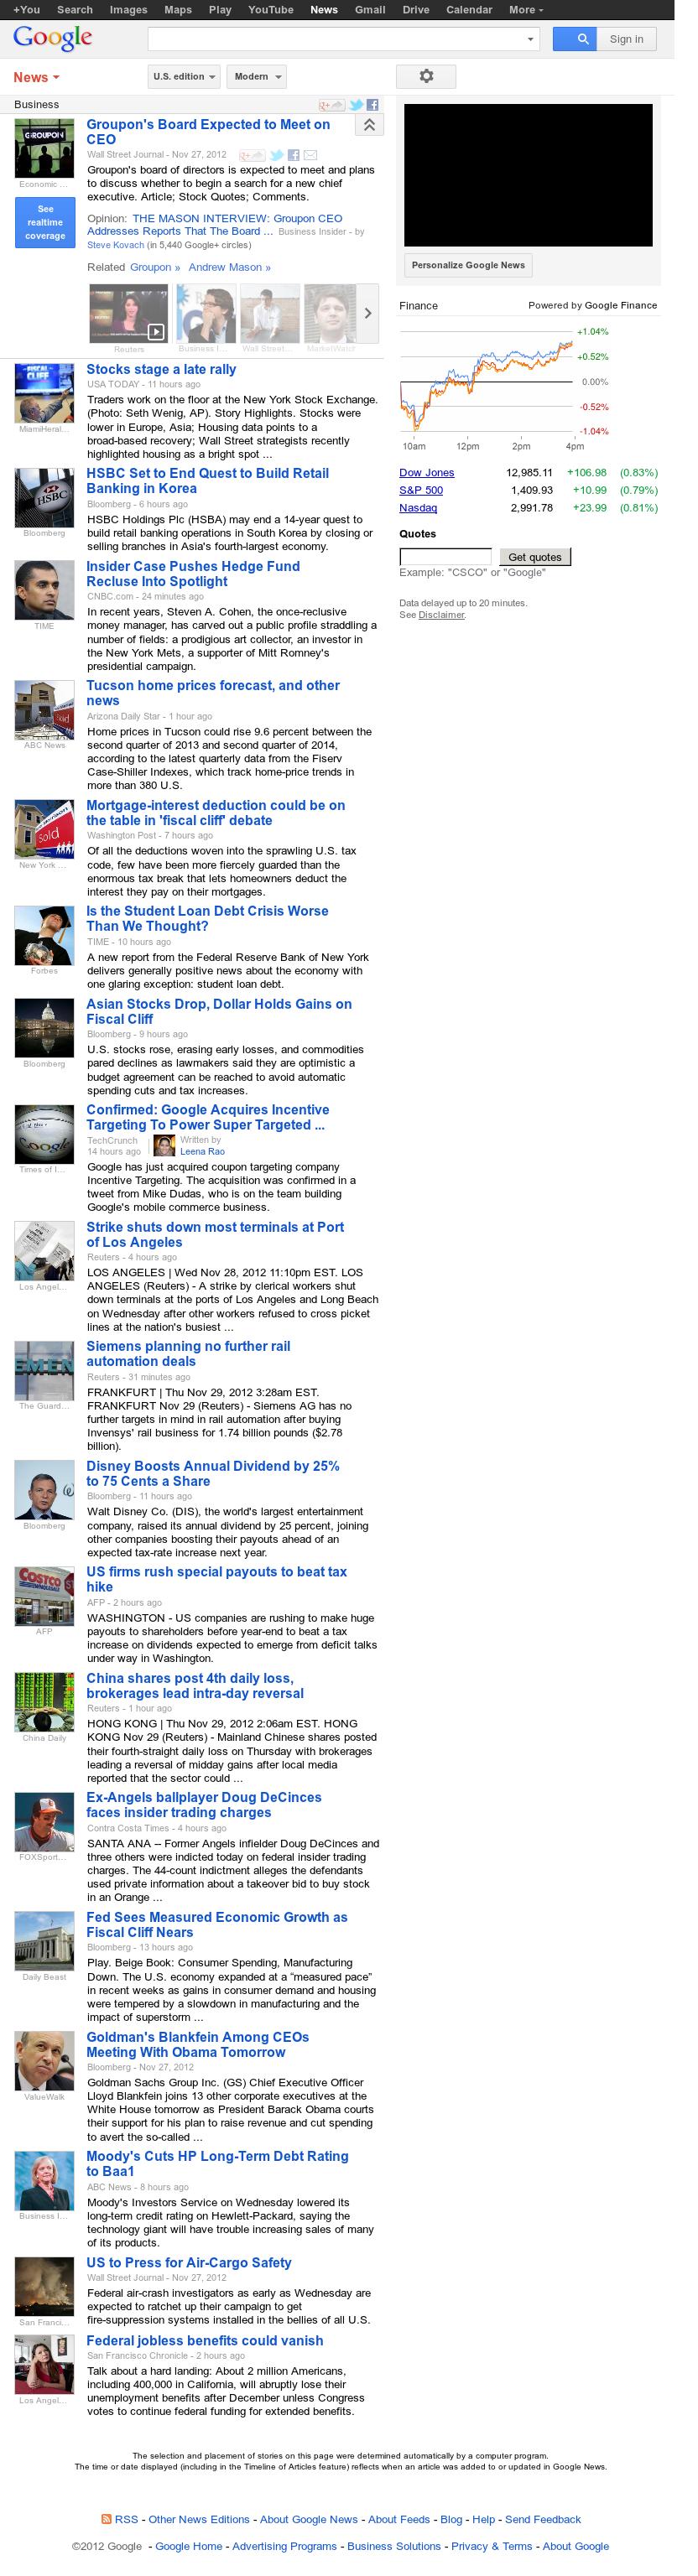 Google News: Business at Thursday Nov. 29, 2012, 9:14 a.m. UTC